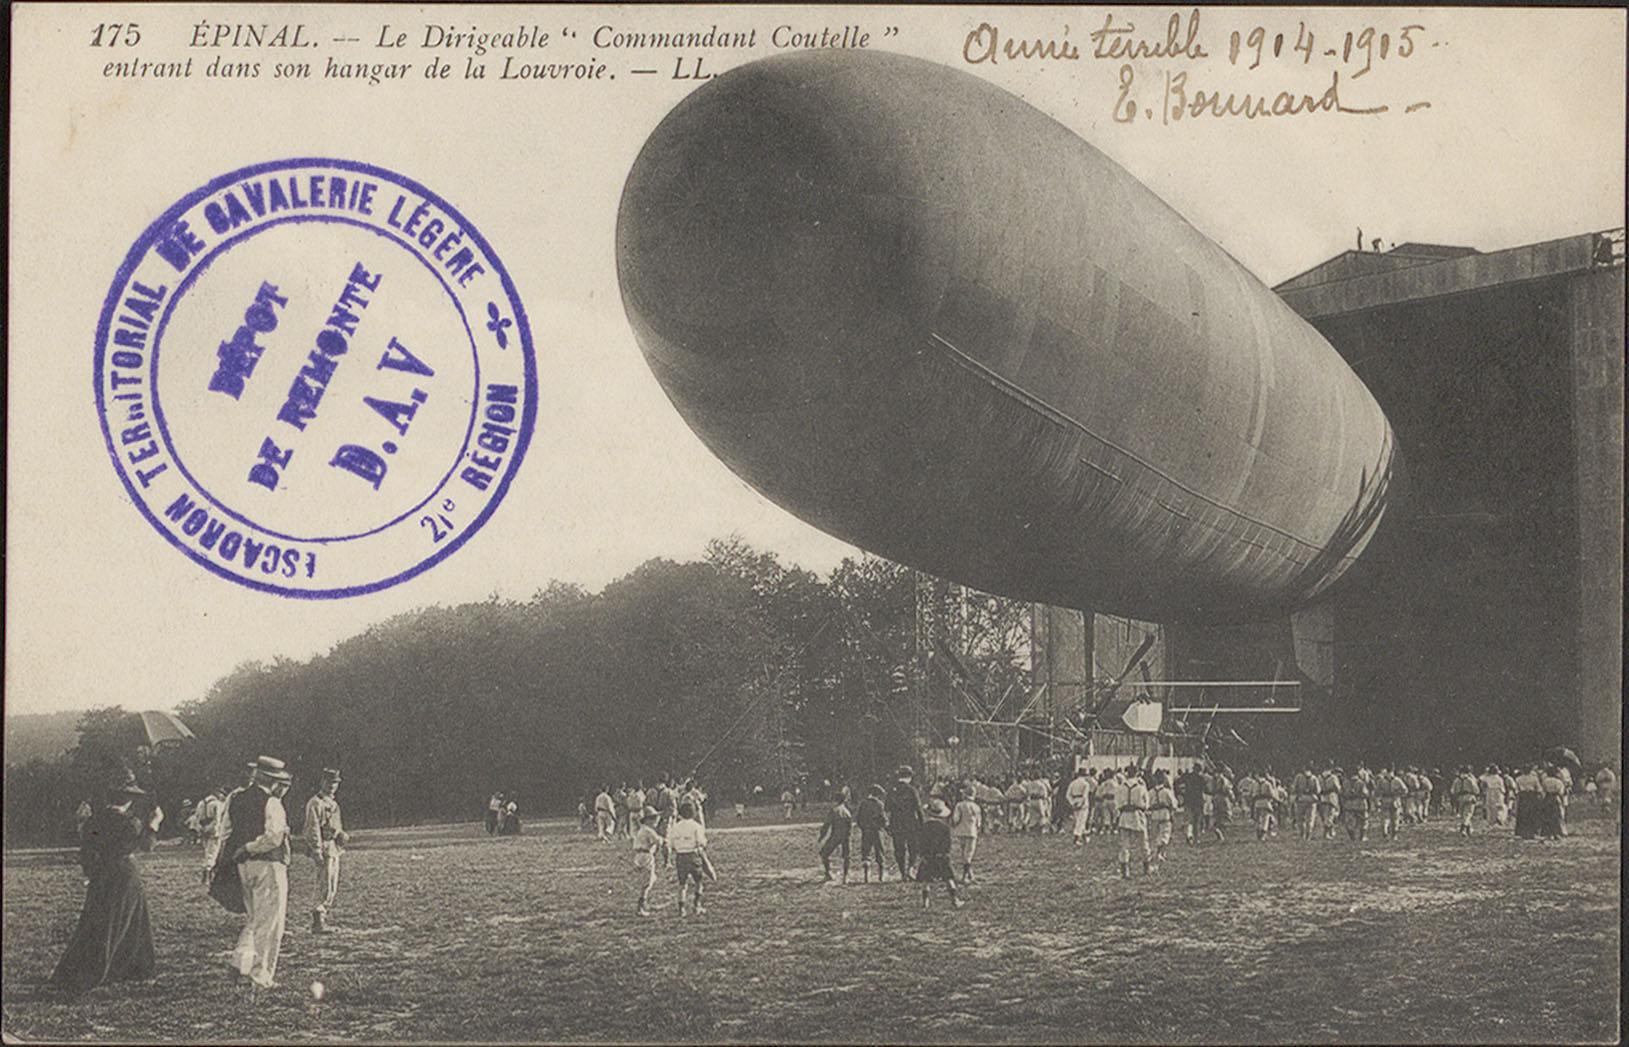 """Contenu du Épinal, Le Dirigeable """"Commandant Coutelle"""" entrant dans son hangar de la Louvroie"""